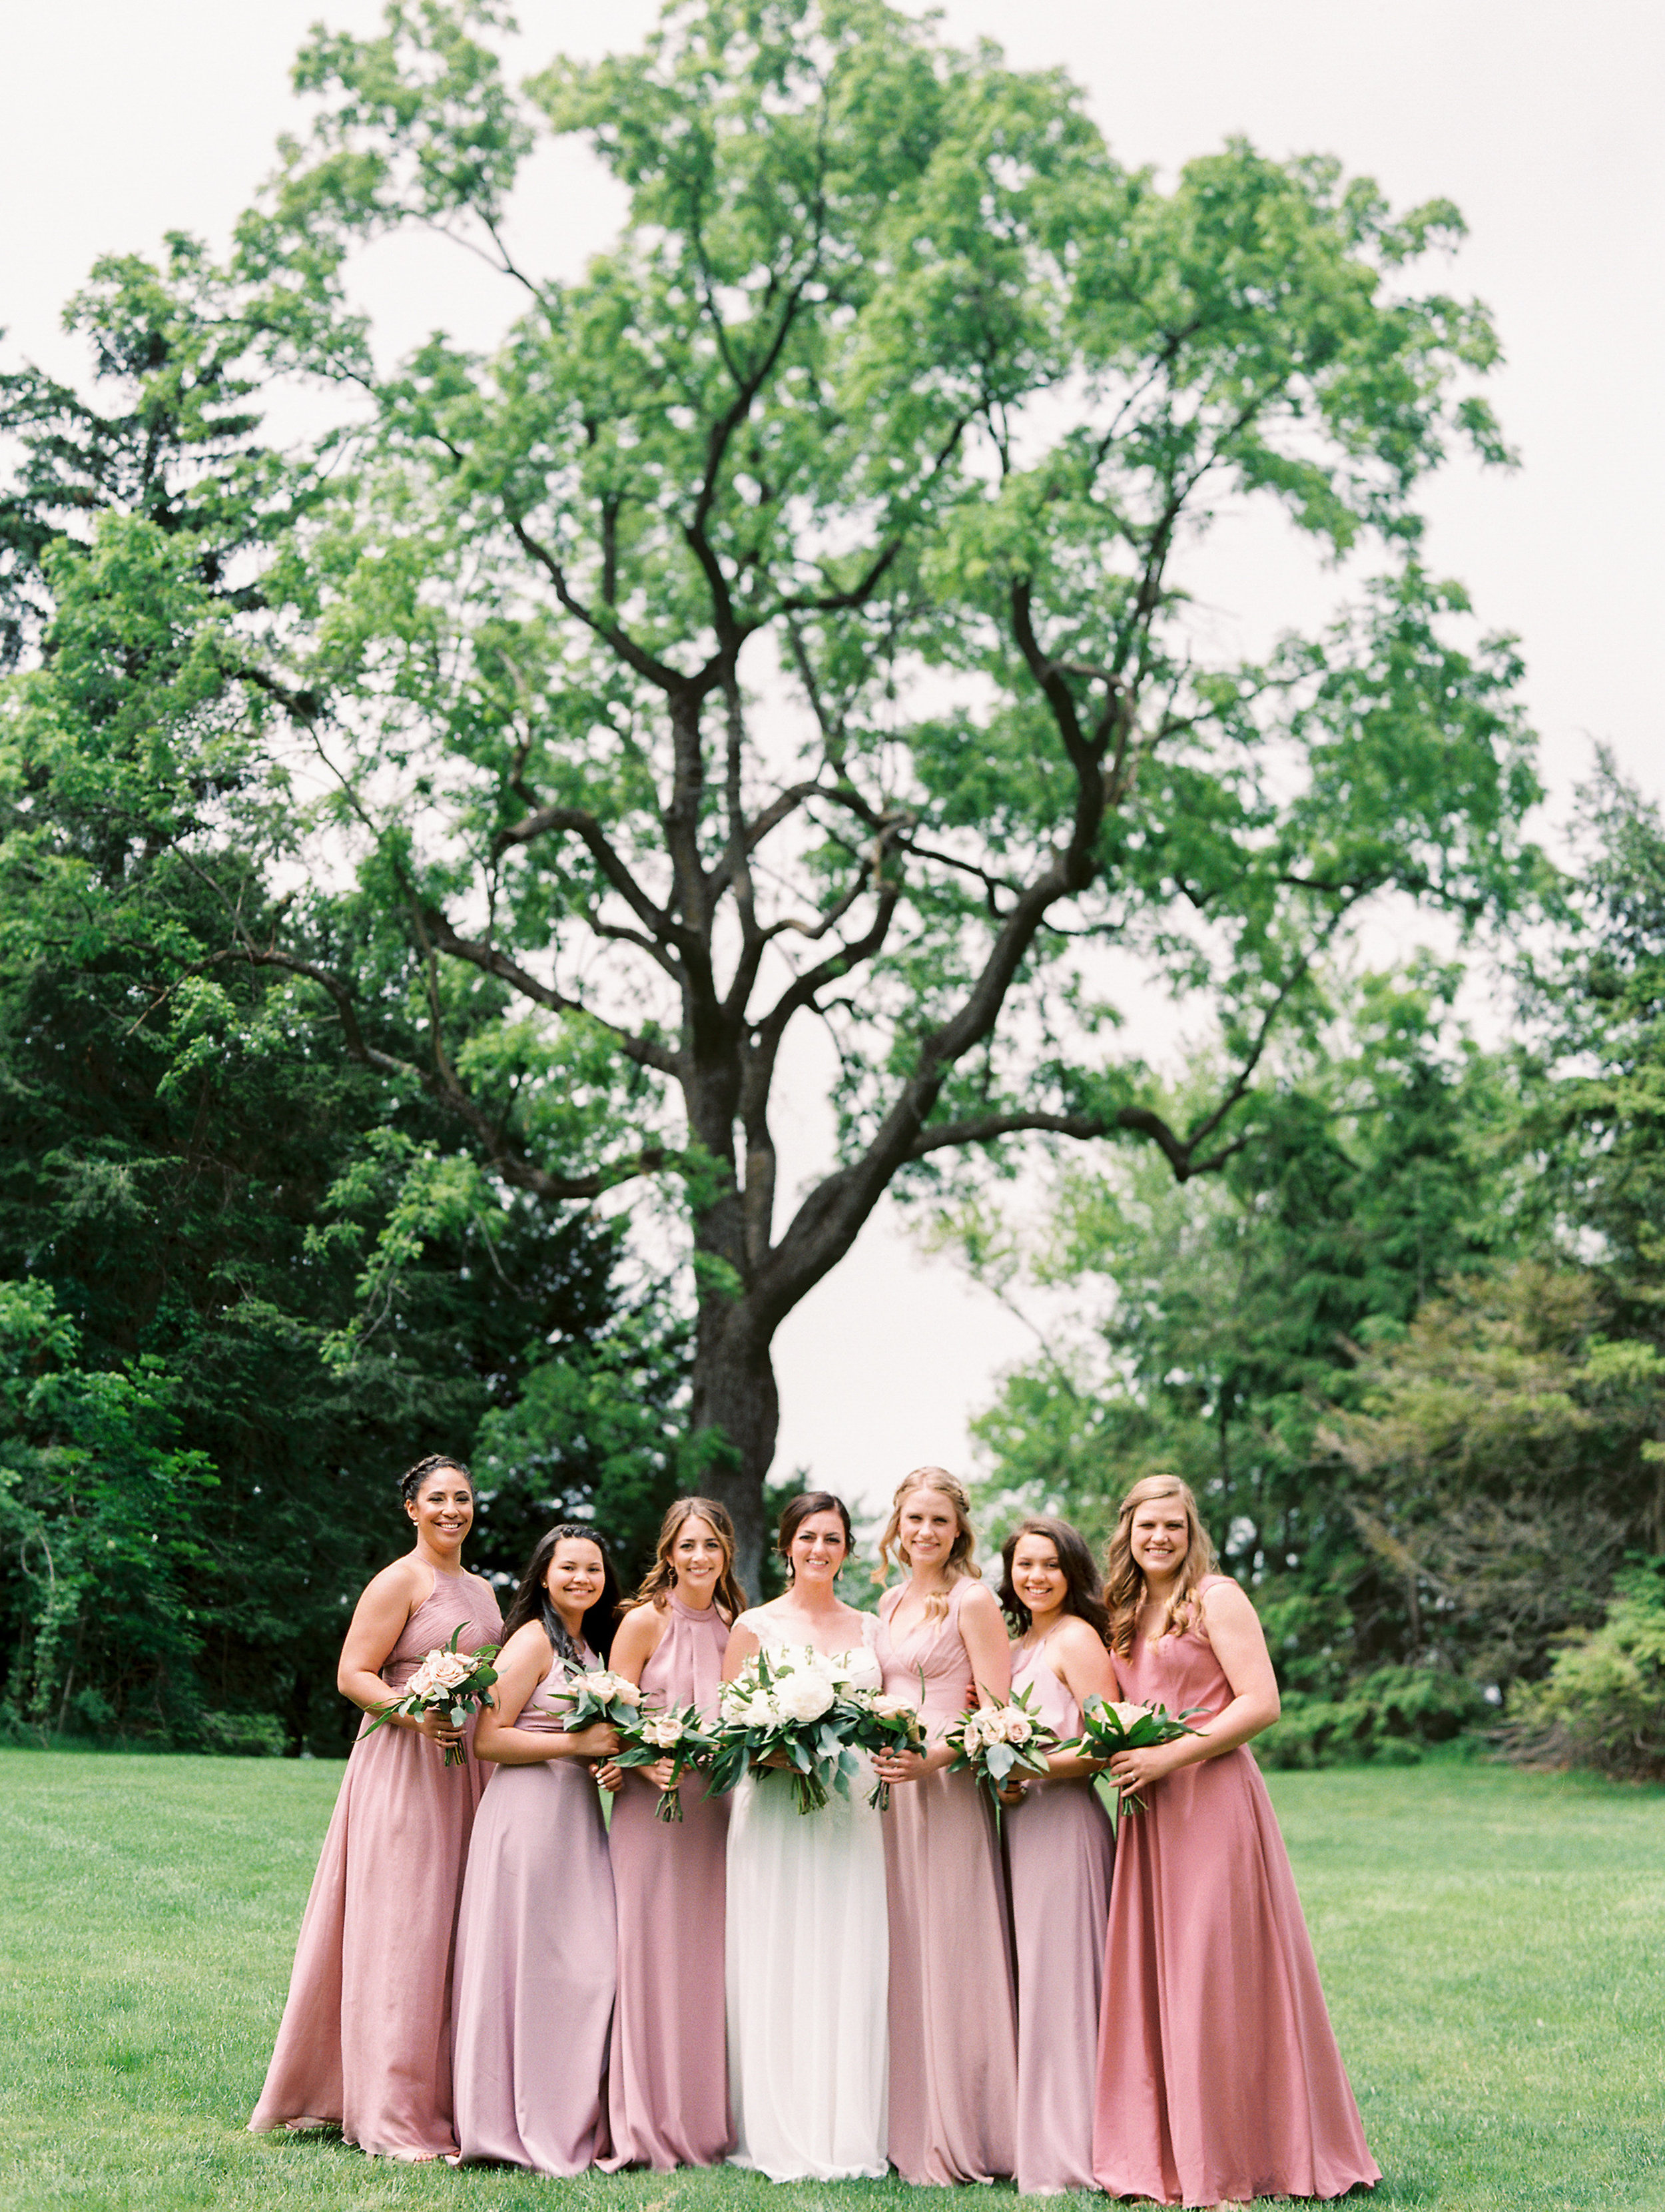 Julius+Wedding+BridalPartyf-66.jpg